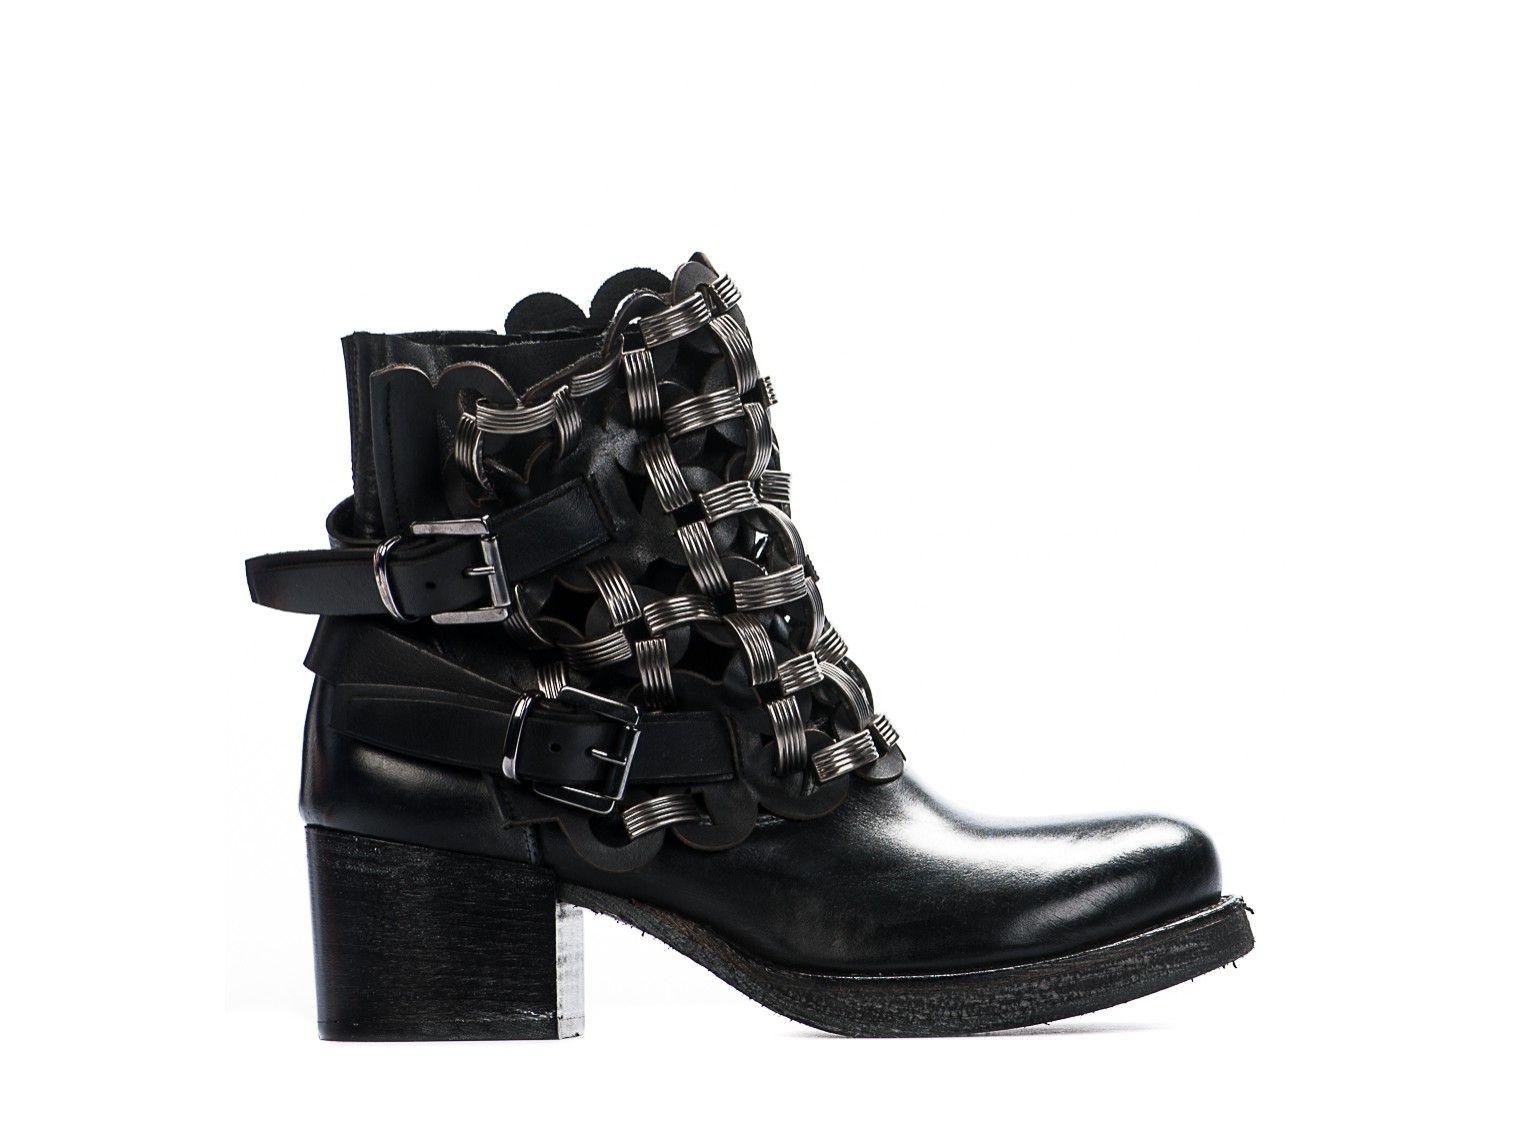 d584652f353f8 Chaussures METISSE noir 58748 pour femme - Millim